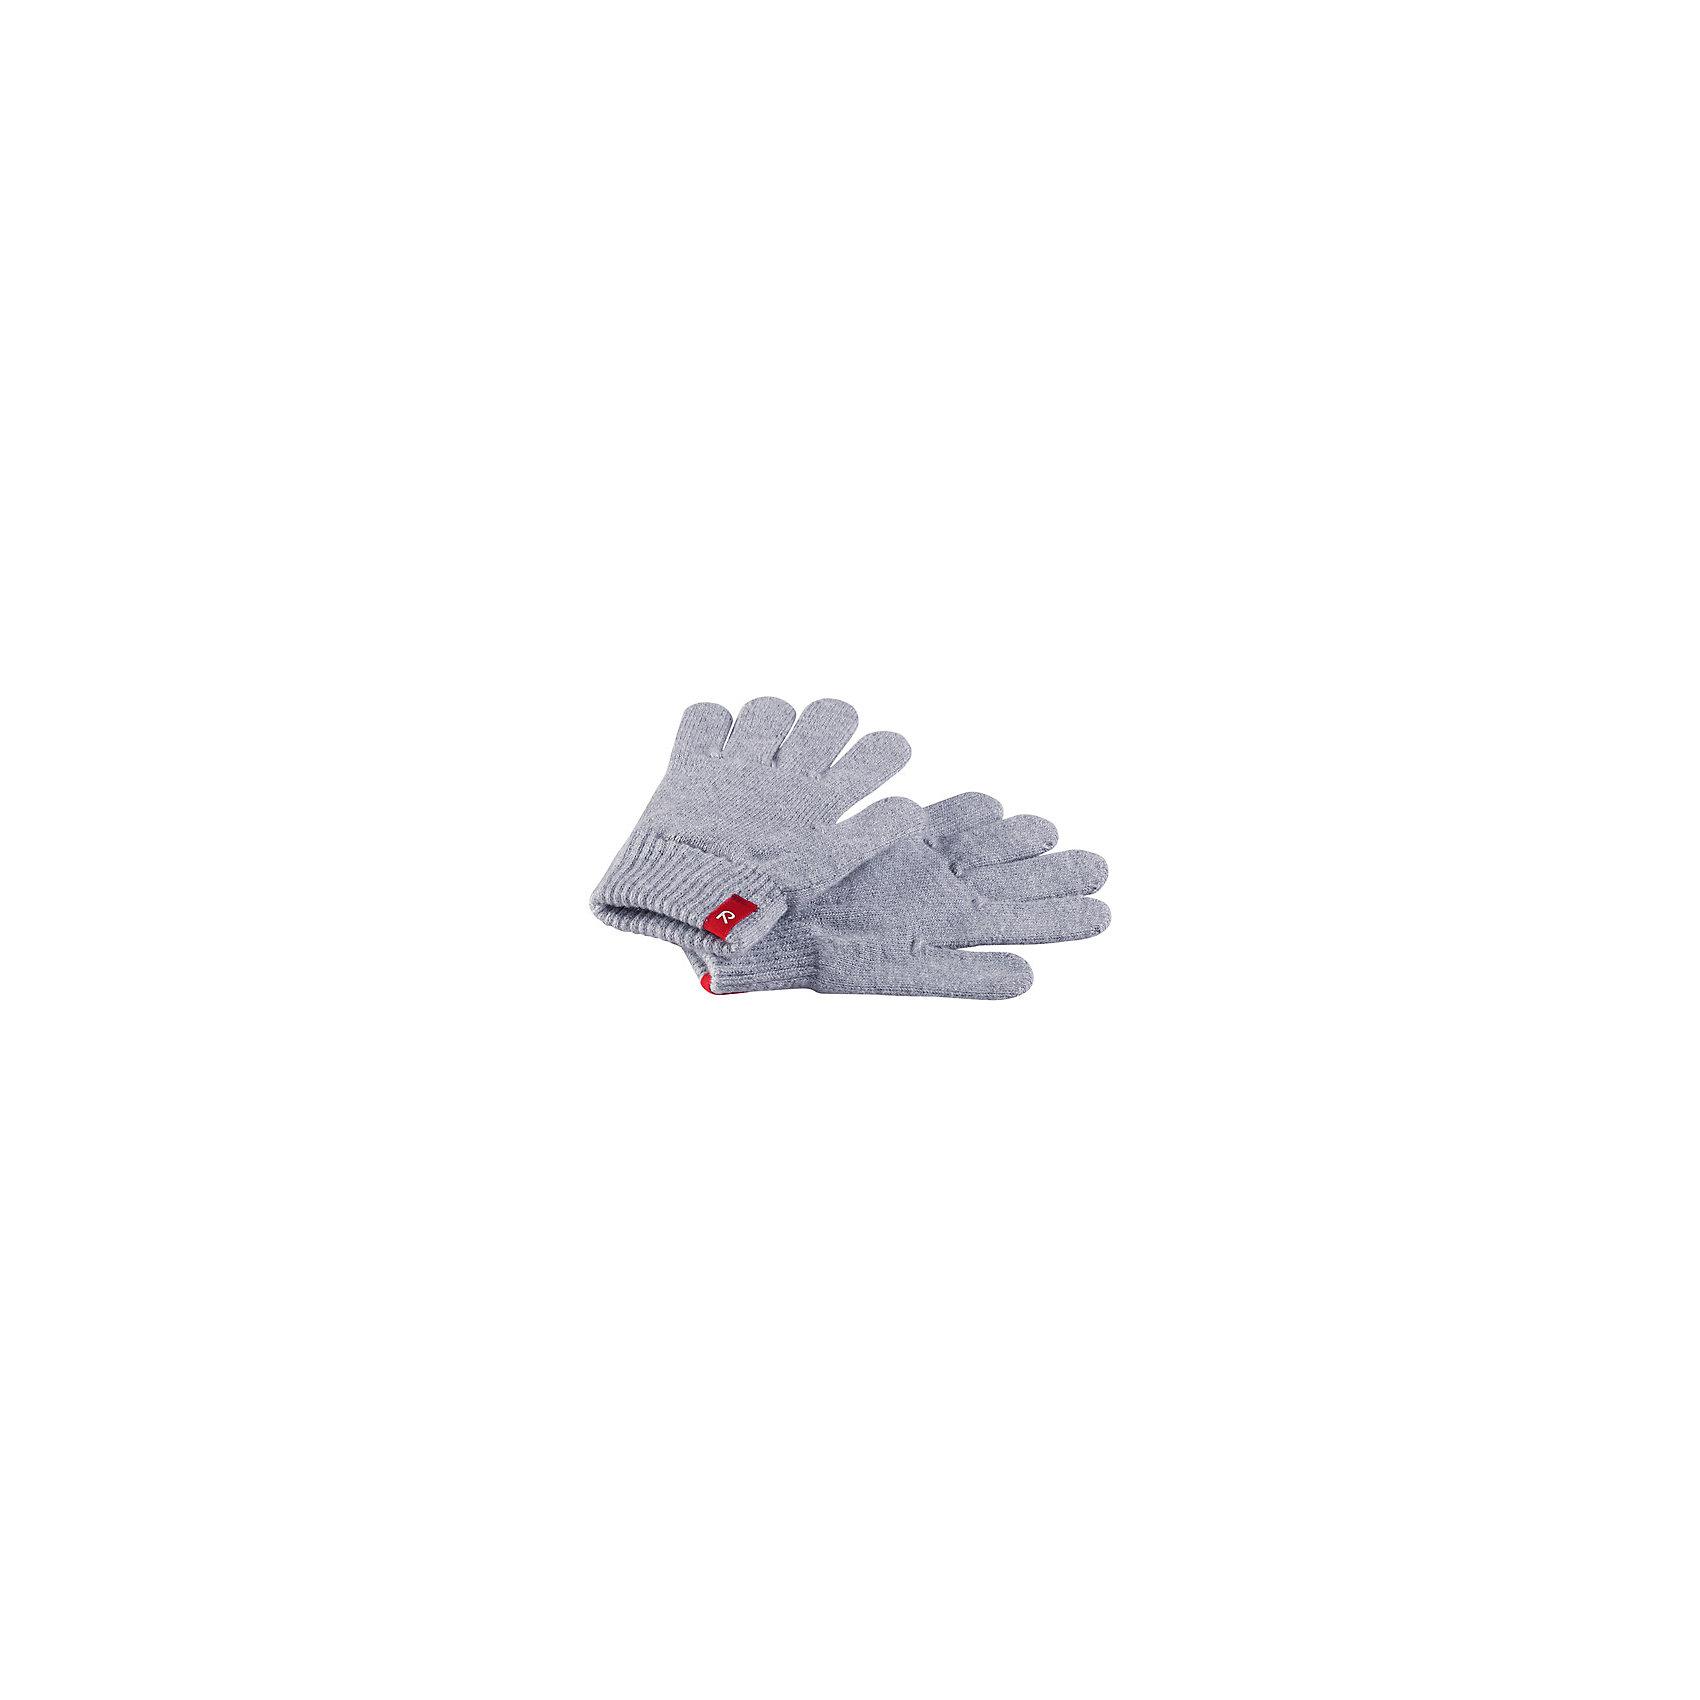 Перчатки  ReimaПерчатки, варежки<br>Перчаток не может быть слишком много! Эти перчатки для малышей и детей постарше выполнены из эластичного хлопчатобумажного трикотажа, дающего ощущение легкости и комфорта поздней весной и ранней осенью. Эти перчатки также идеальный вариант под водонепроницаемые варежки и перчатки. Изготовлены из хлопчатобумажного трикотажа высокого качества и легко стираются в стиральной машине. <br>Состав:<br>80% Хлопок, 20% эластан.<br>Уход:<br>Стирать по отдельности, вывернув наизнанку. Полоскать без специального средства. Придать первоначальную форму вo влажном виде. Возможна усадка 5 %<br><br>Ширина мм: 162<br>Глубина мм: 171<br>Высота мм: 55<br>Вес г: 119<br>Цвет: серый<br>Возраст от месяцев: 96<br>Возраст до месяцев: 144<br>Пол: Унисекс<br>Возраст: Детский<br>Размер: 7,5,3,1<br>SKU: 4601462